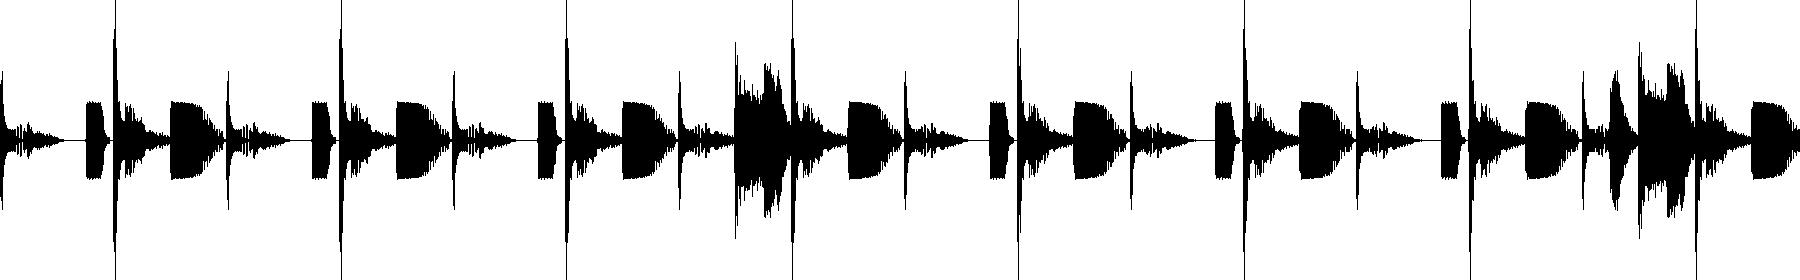 bouncelectro 128